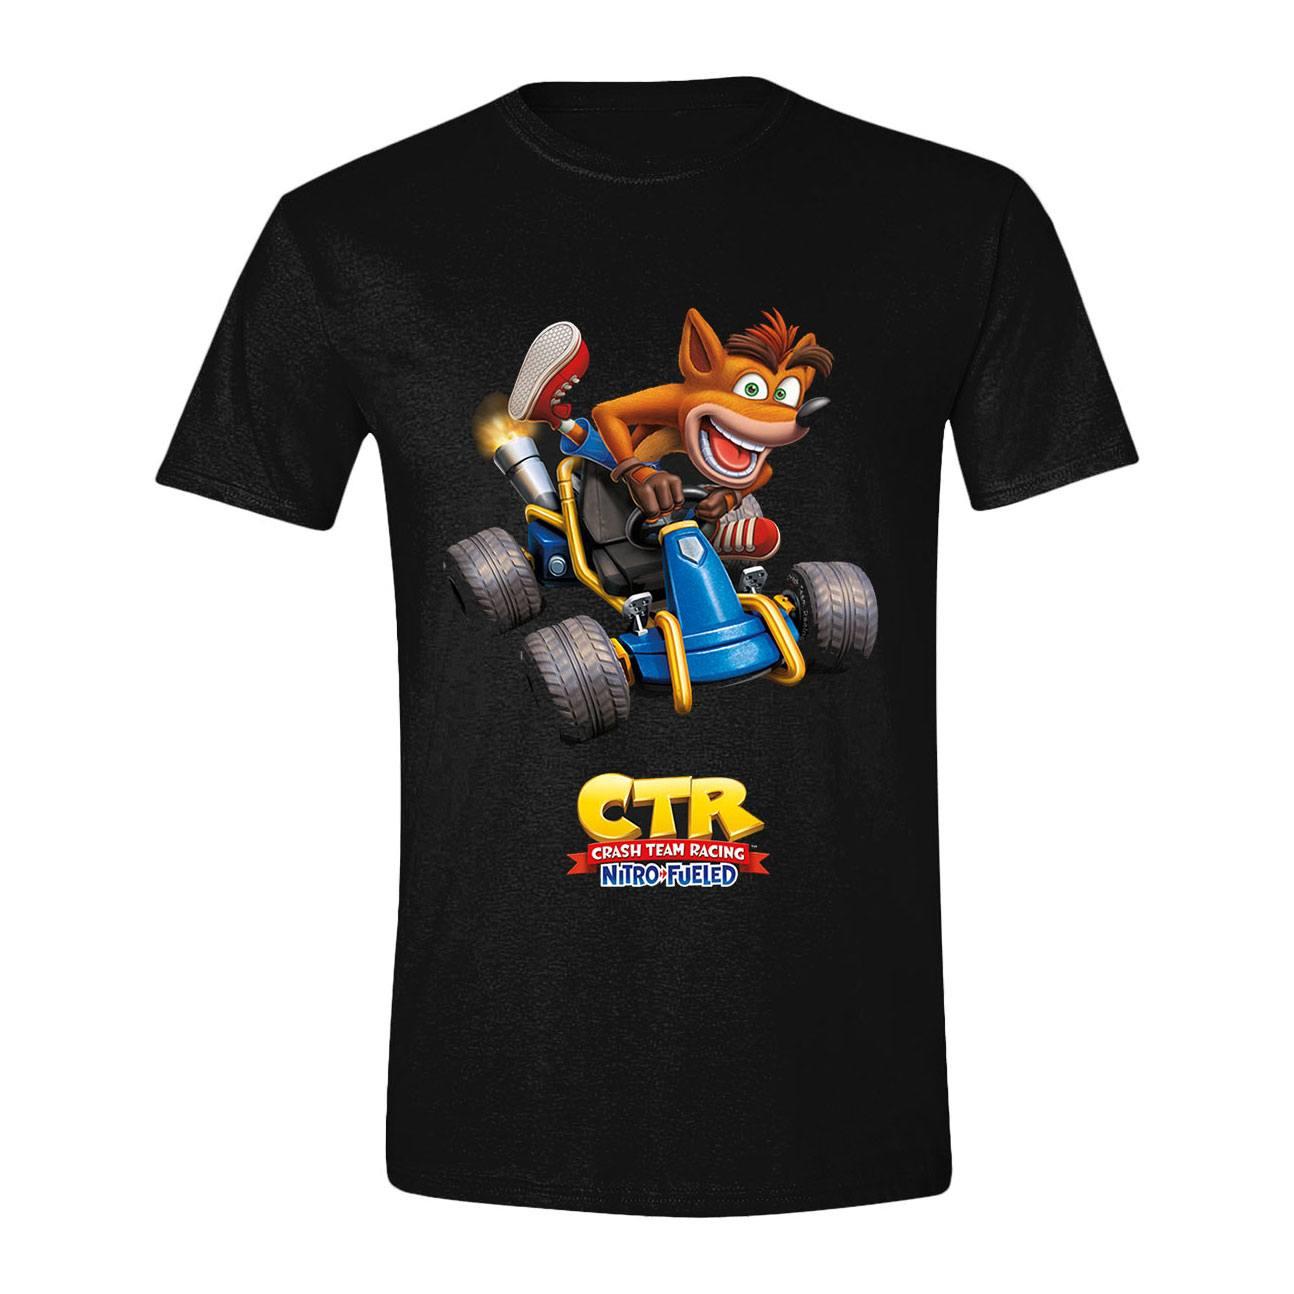 Crash Team Racing T-Shirt Crash Car Size XL